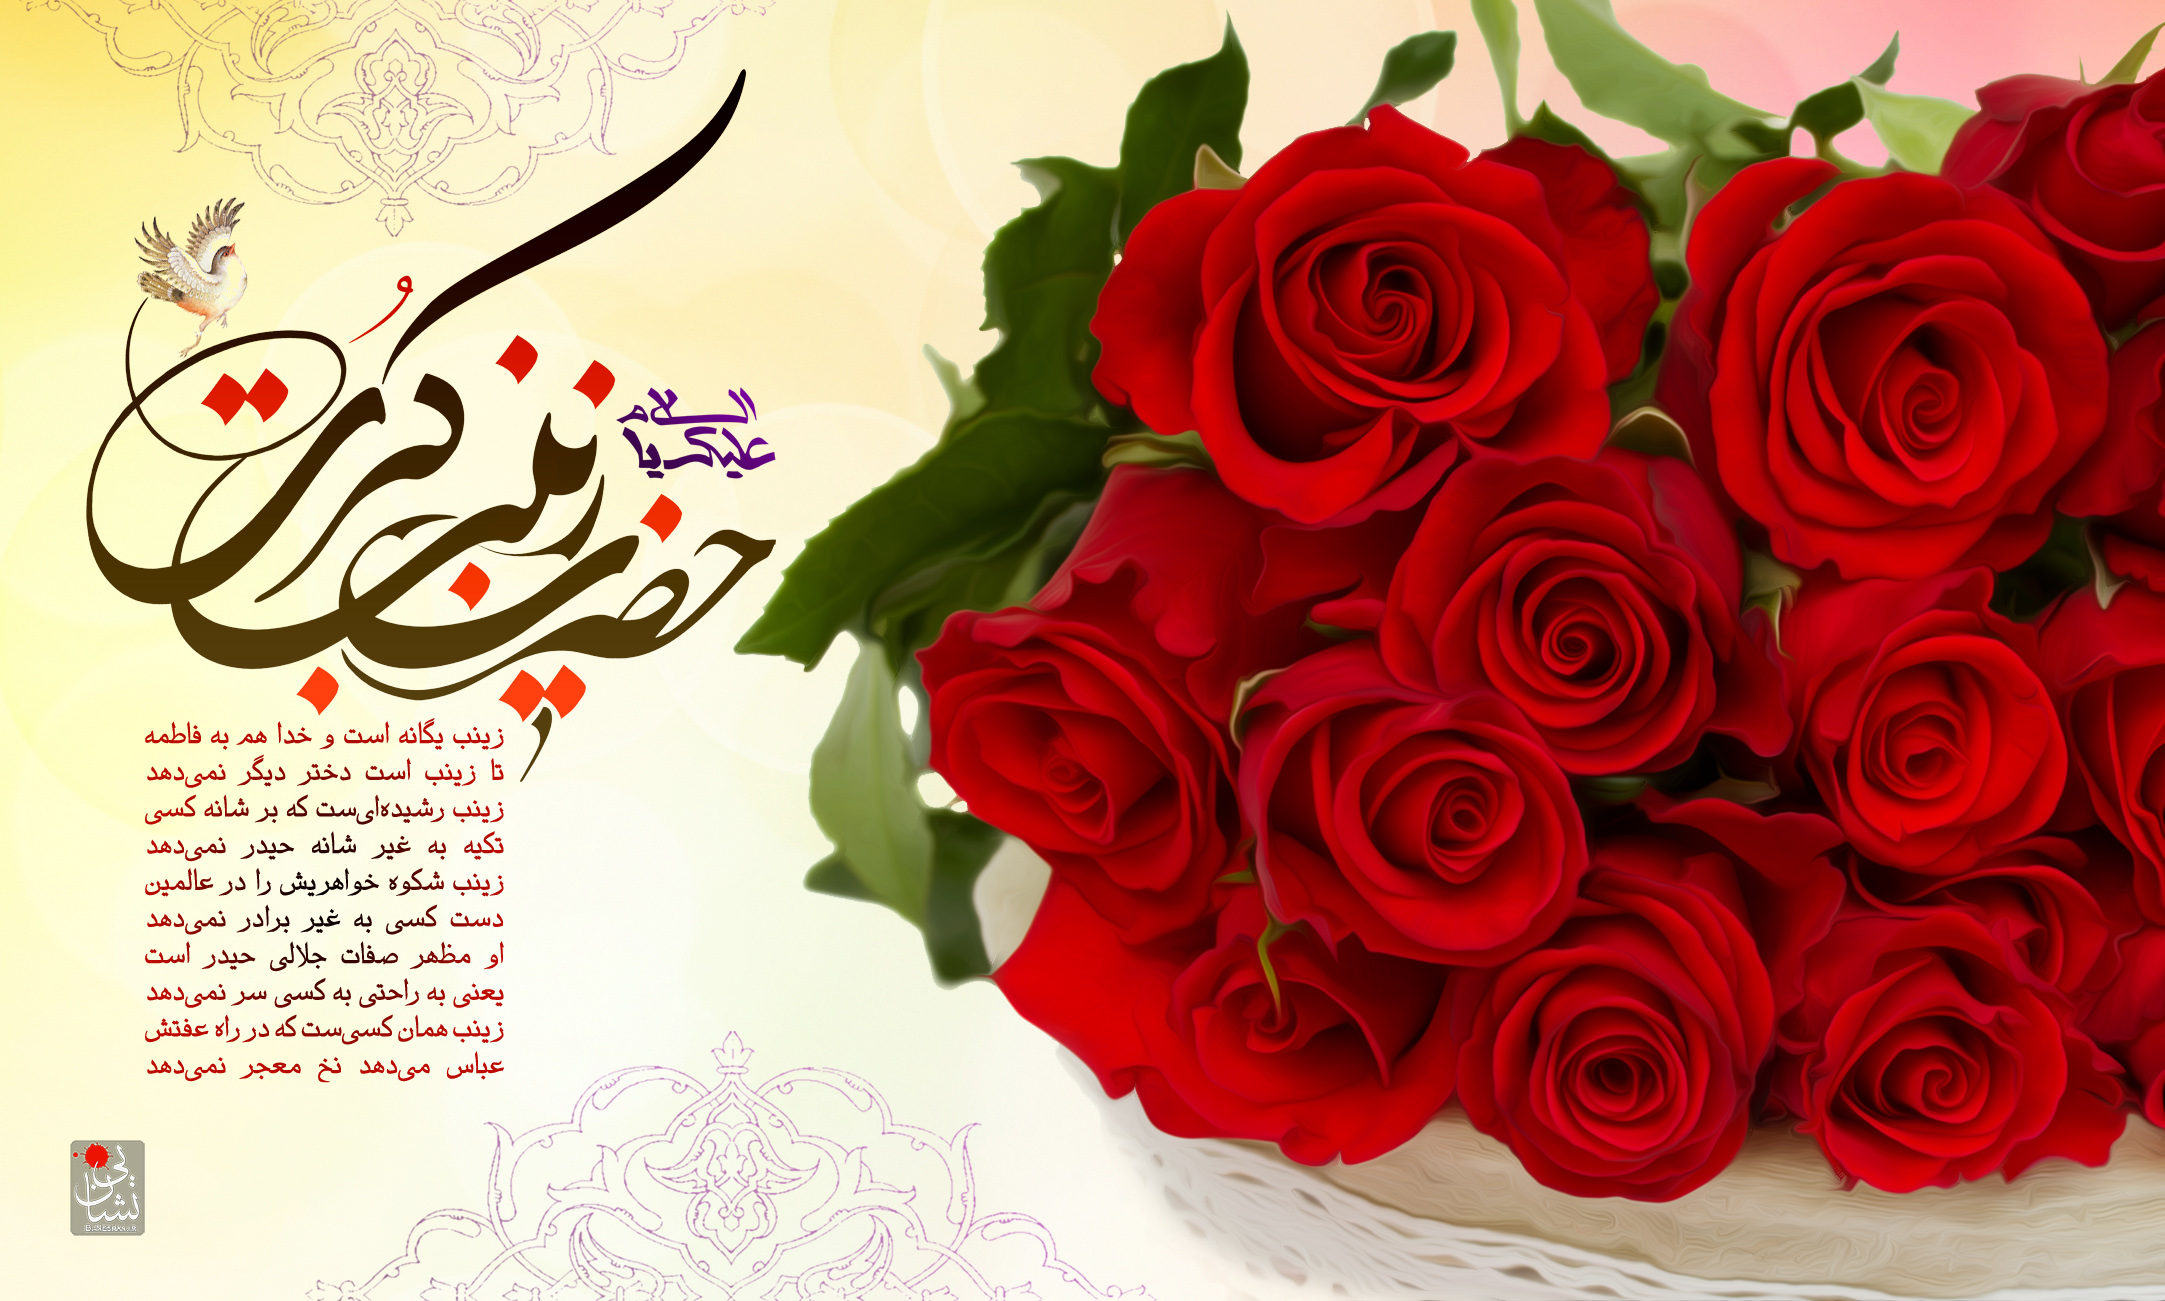 نتیجه تصویری برای میلاد حضرت زینب